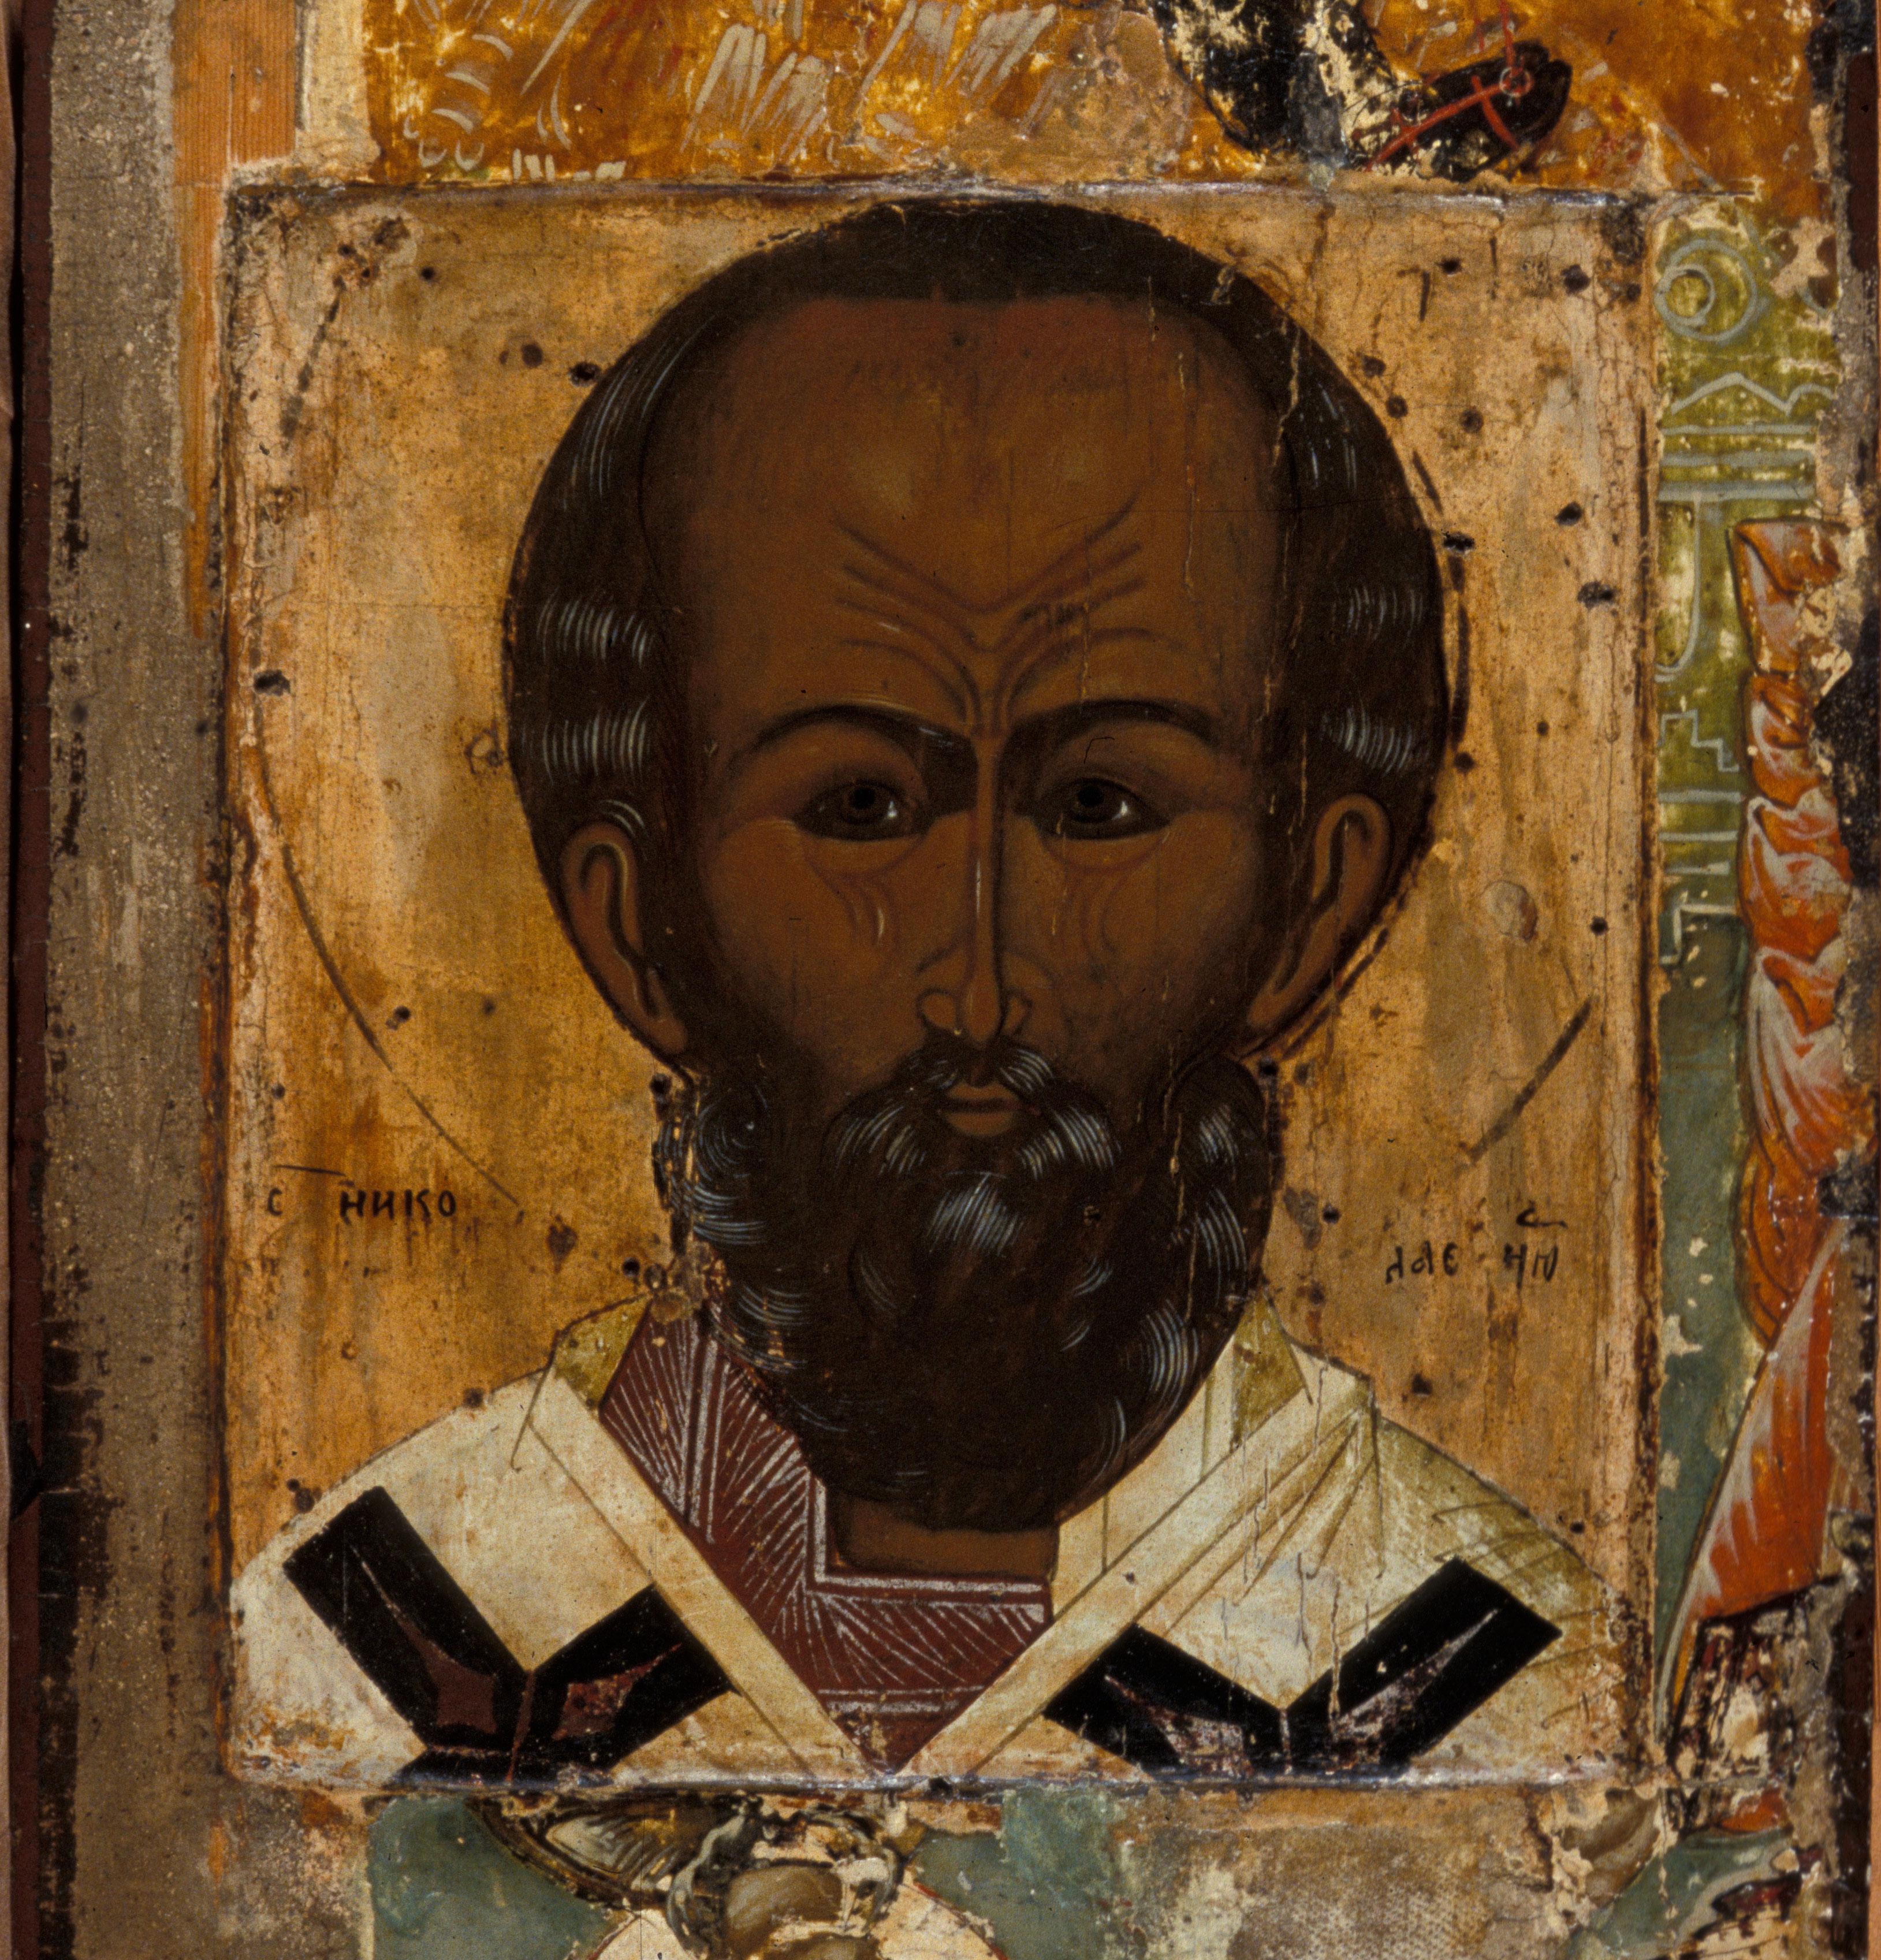 Depiction of St. Nicholas